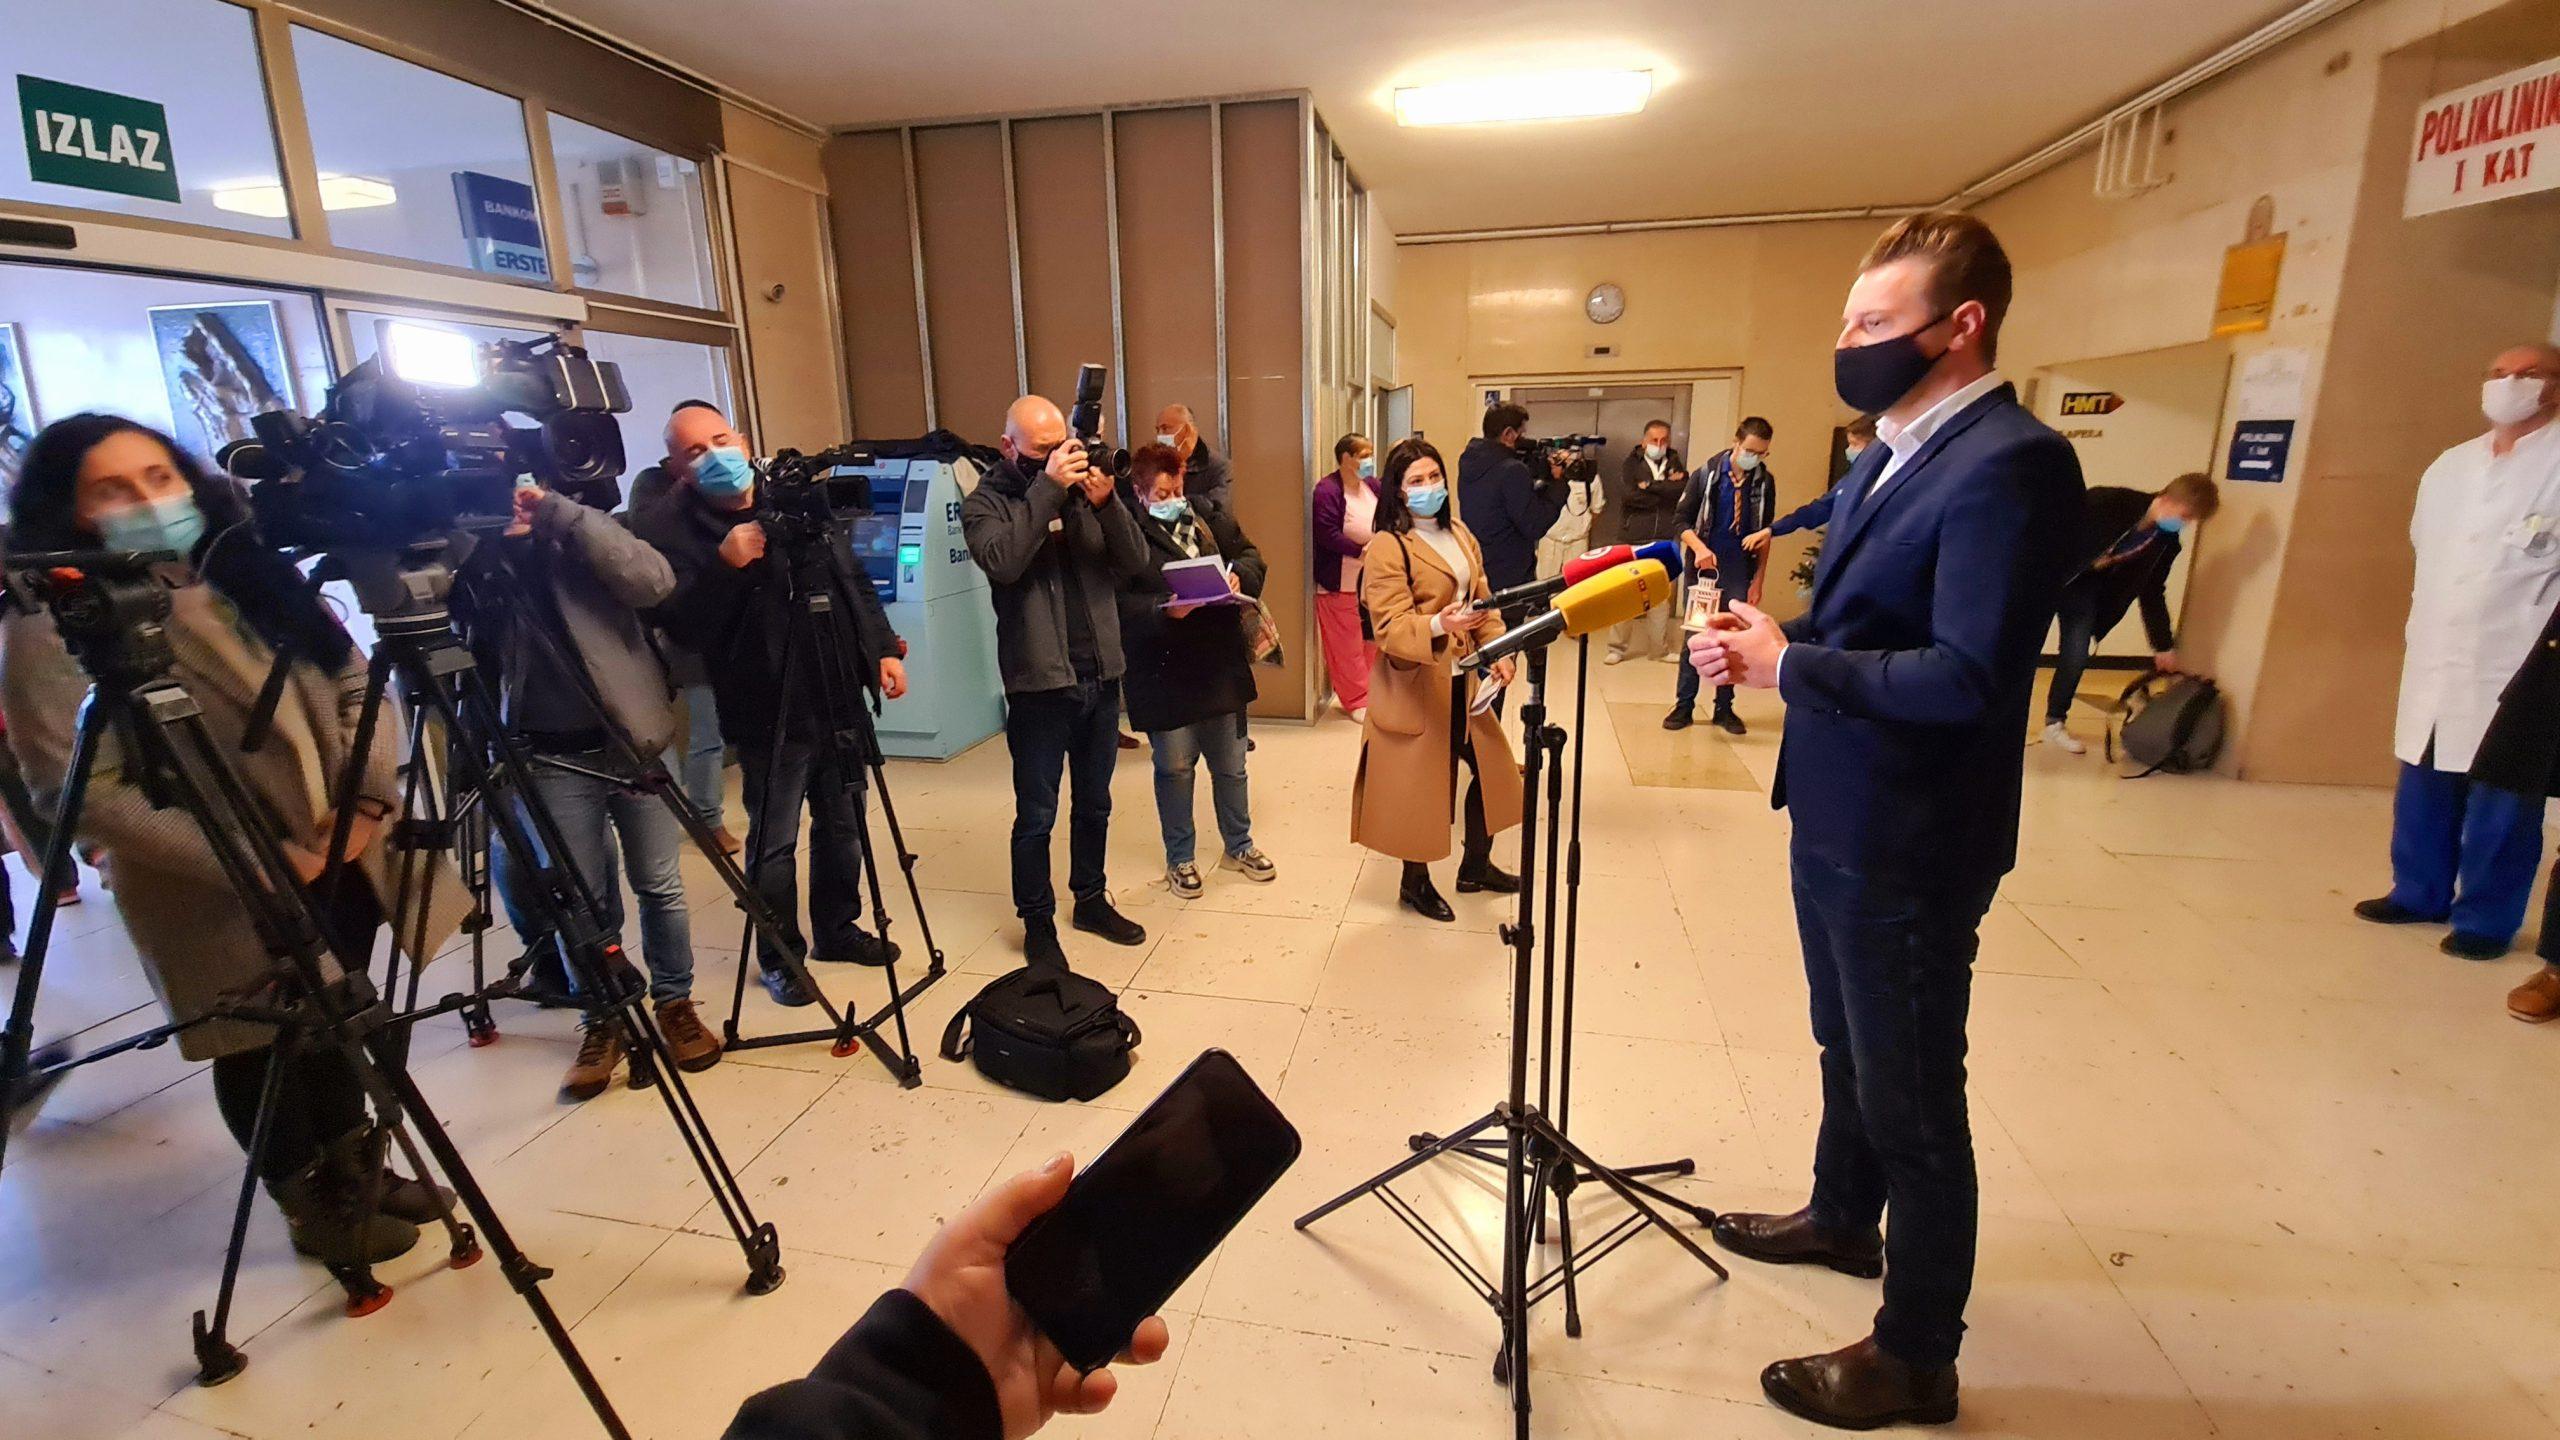 Božićne Jaslice S Trsatske Gradine Krasit će Dva Lokaliteta KBC-a Rijeka